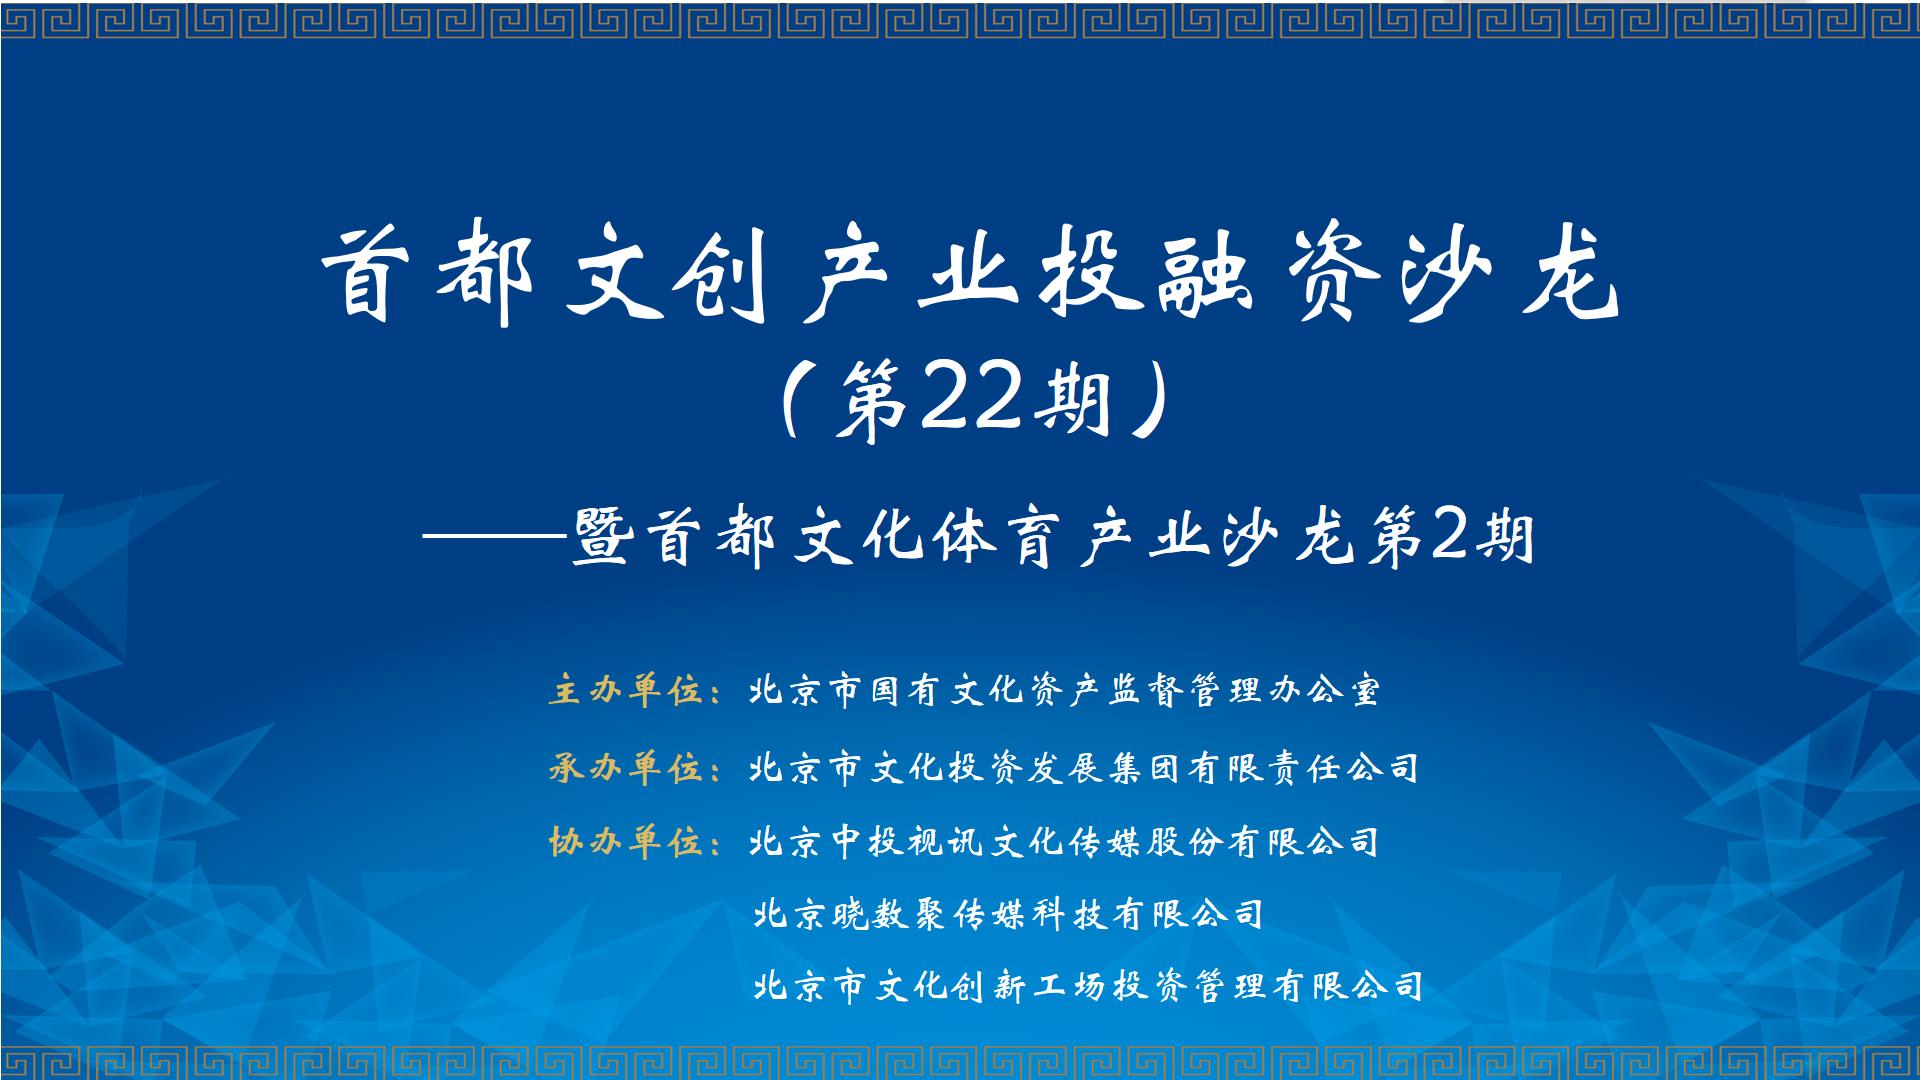 体育数据与传媒科技丨中国网+